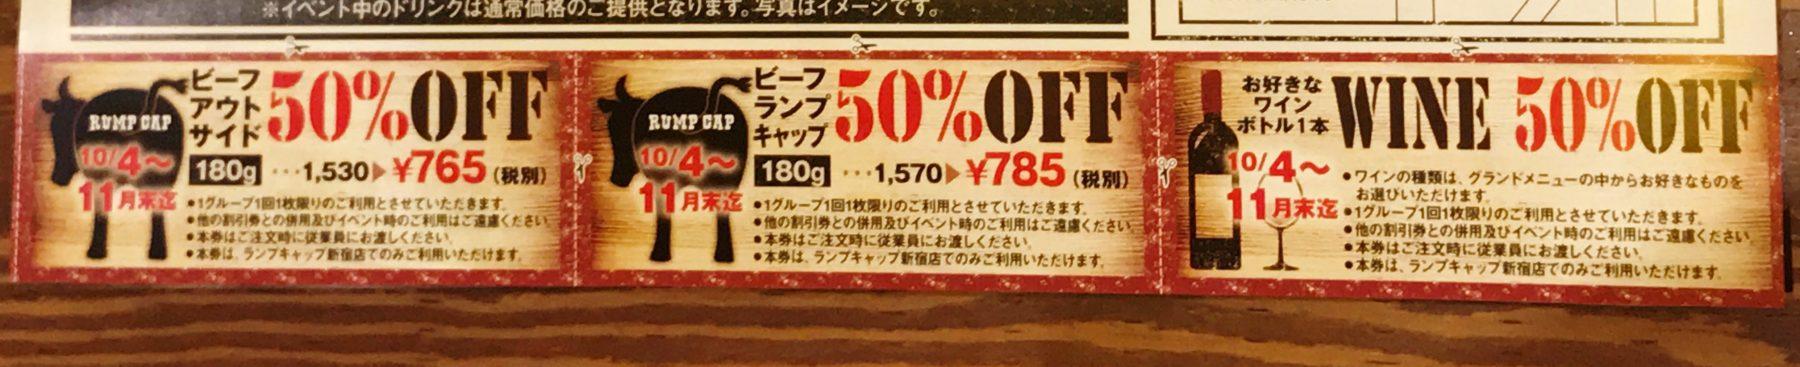 ランプキャップ(新宿名店横丁)割引クーポン